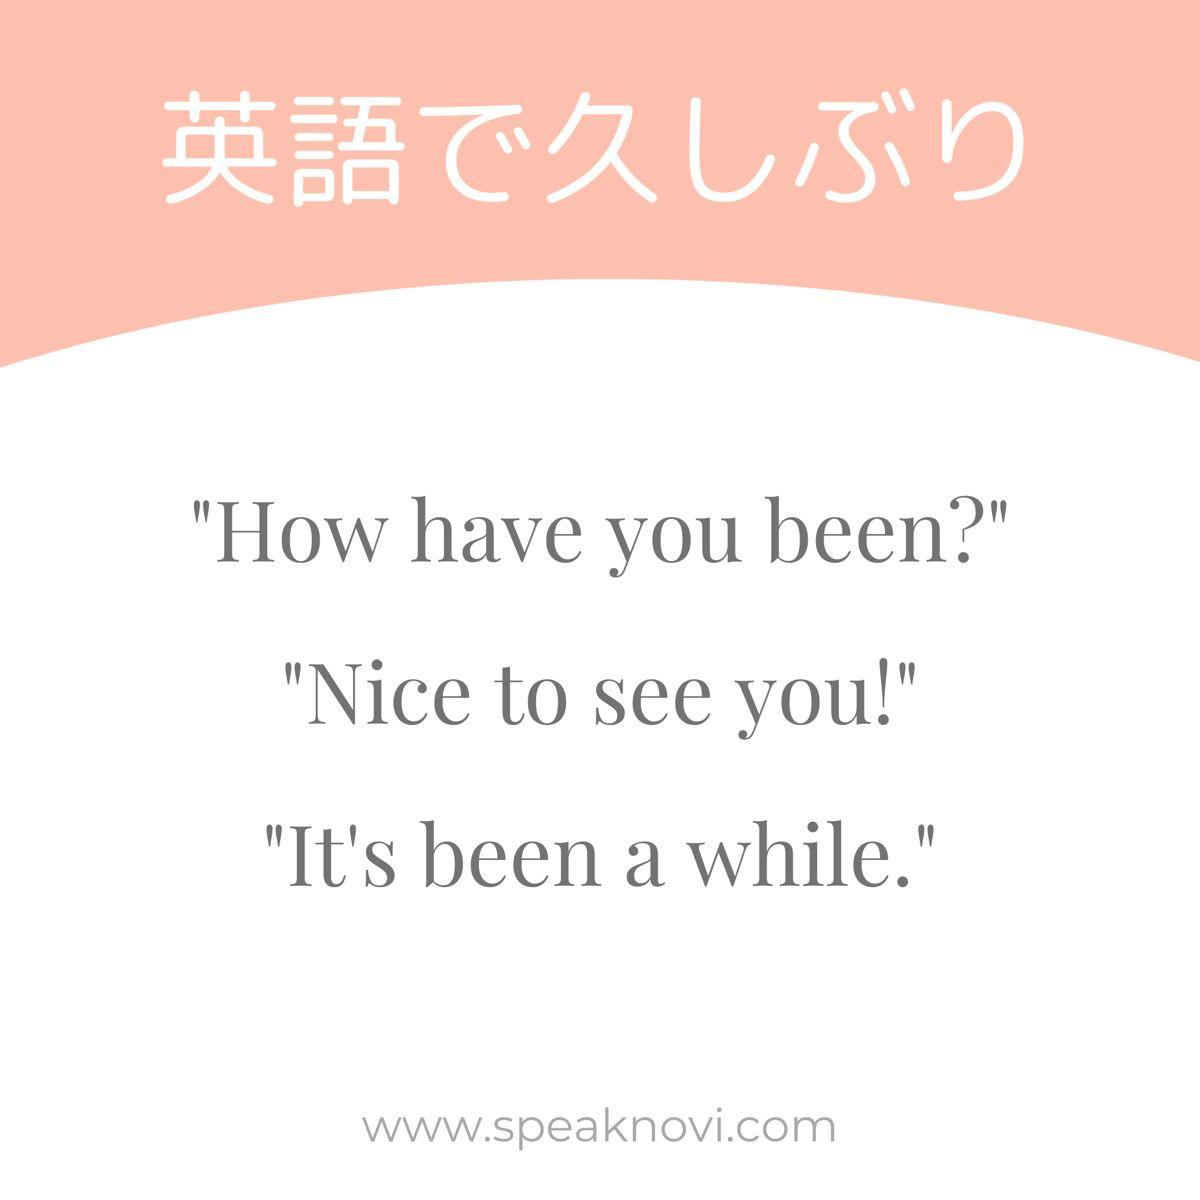 英語 久しぶり に